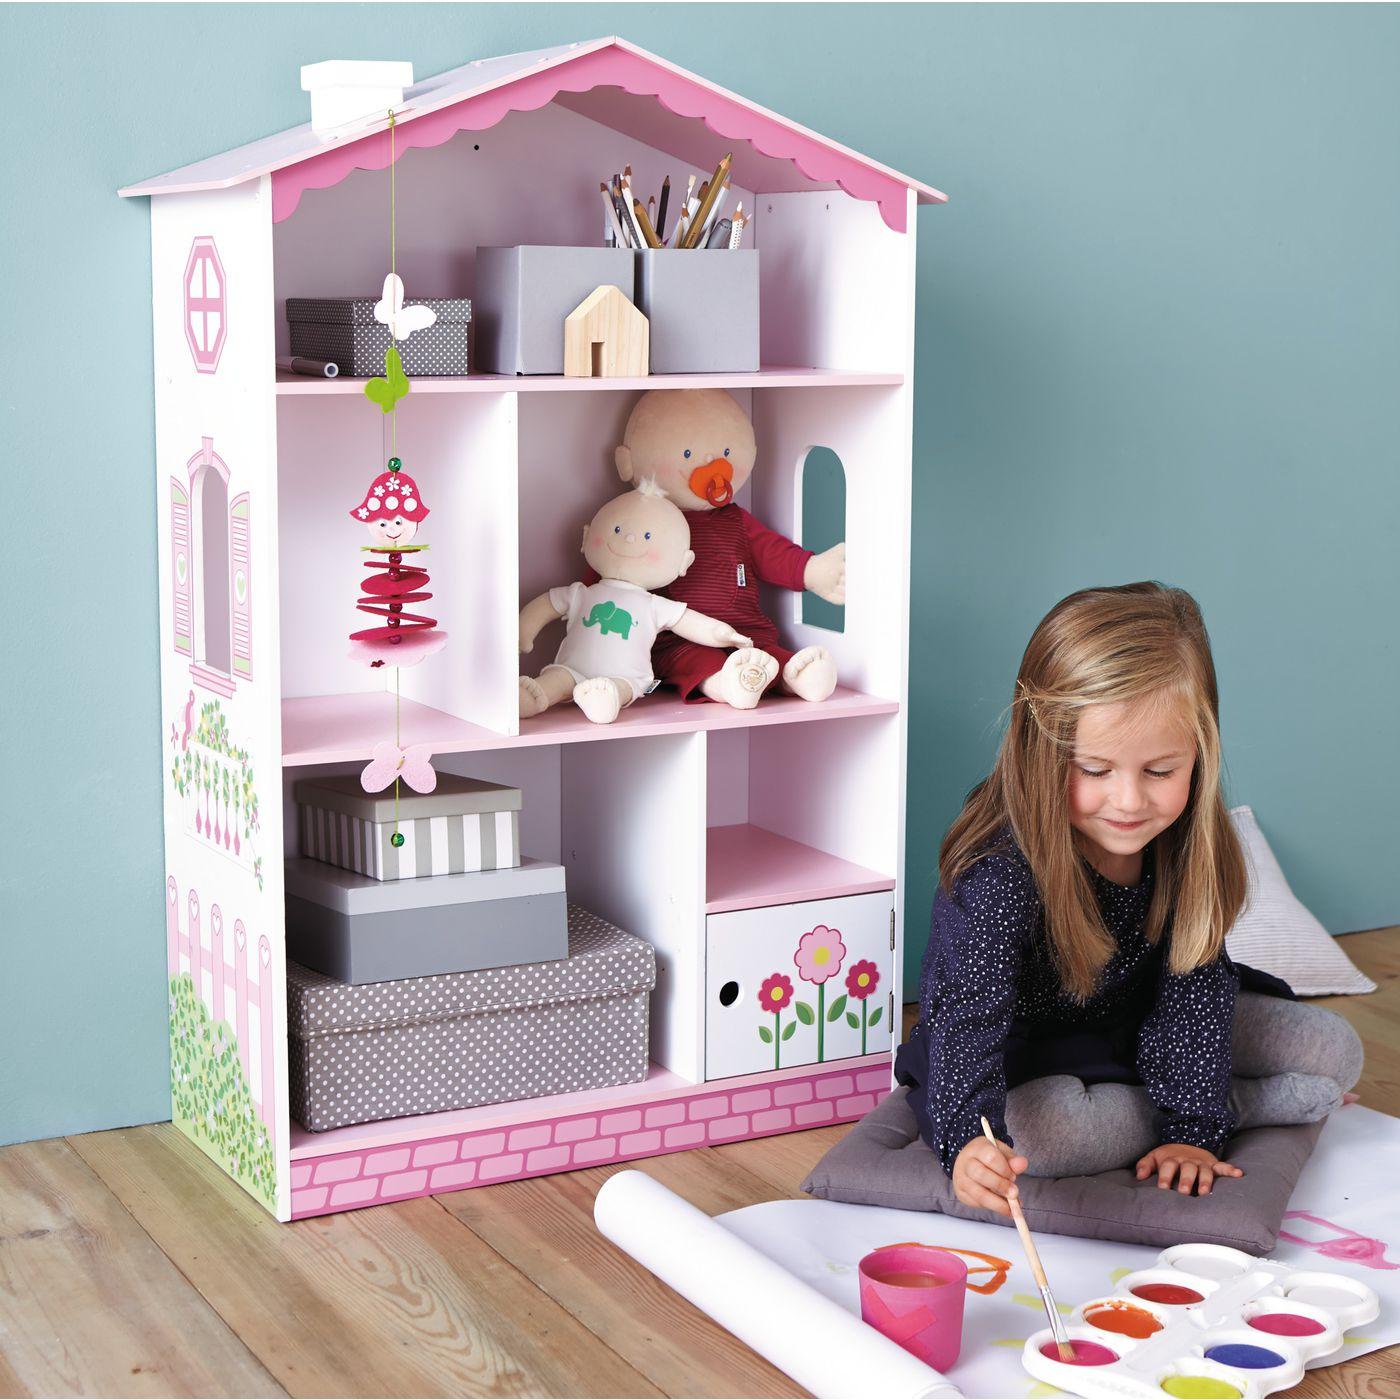 KidKraft Puppenhaus und Bücherregal - 97cm hoch